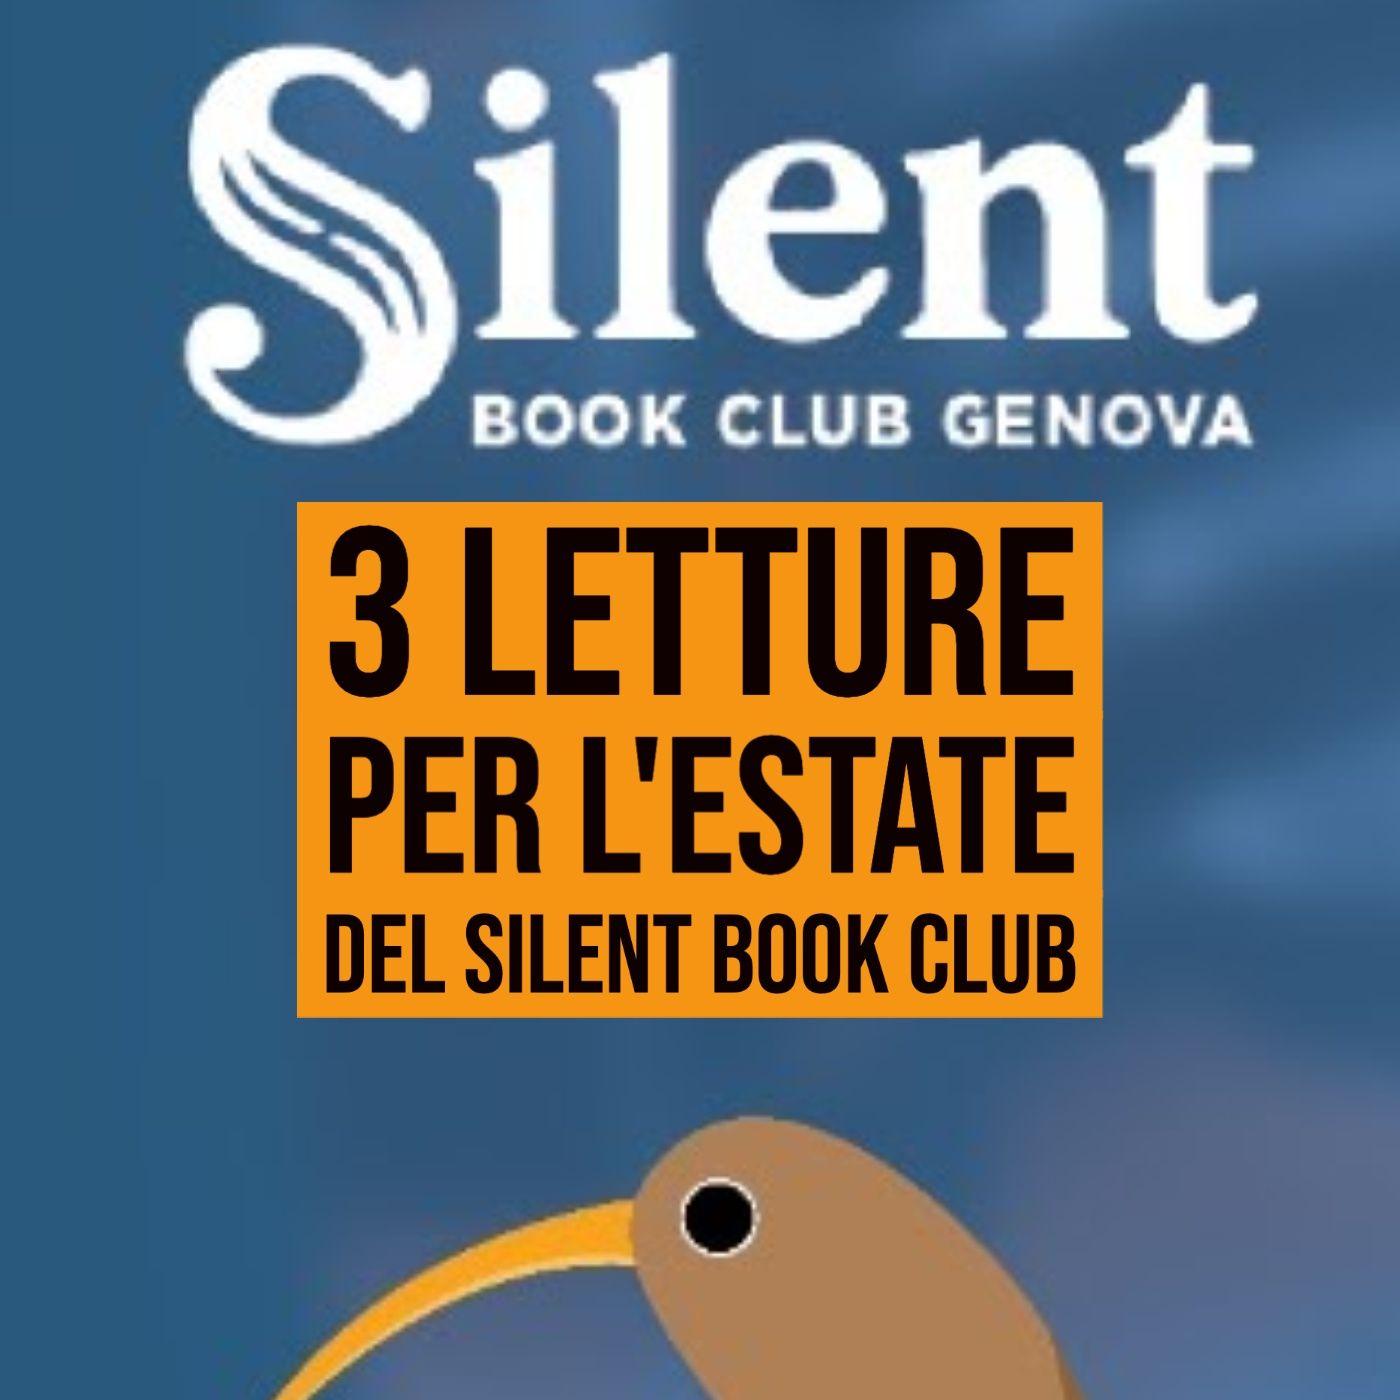 172 - Consigli di lettura per le vacanze con Silent Book Club Genova